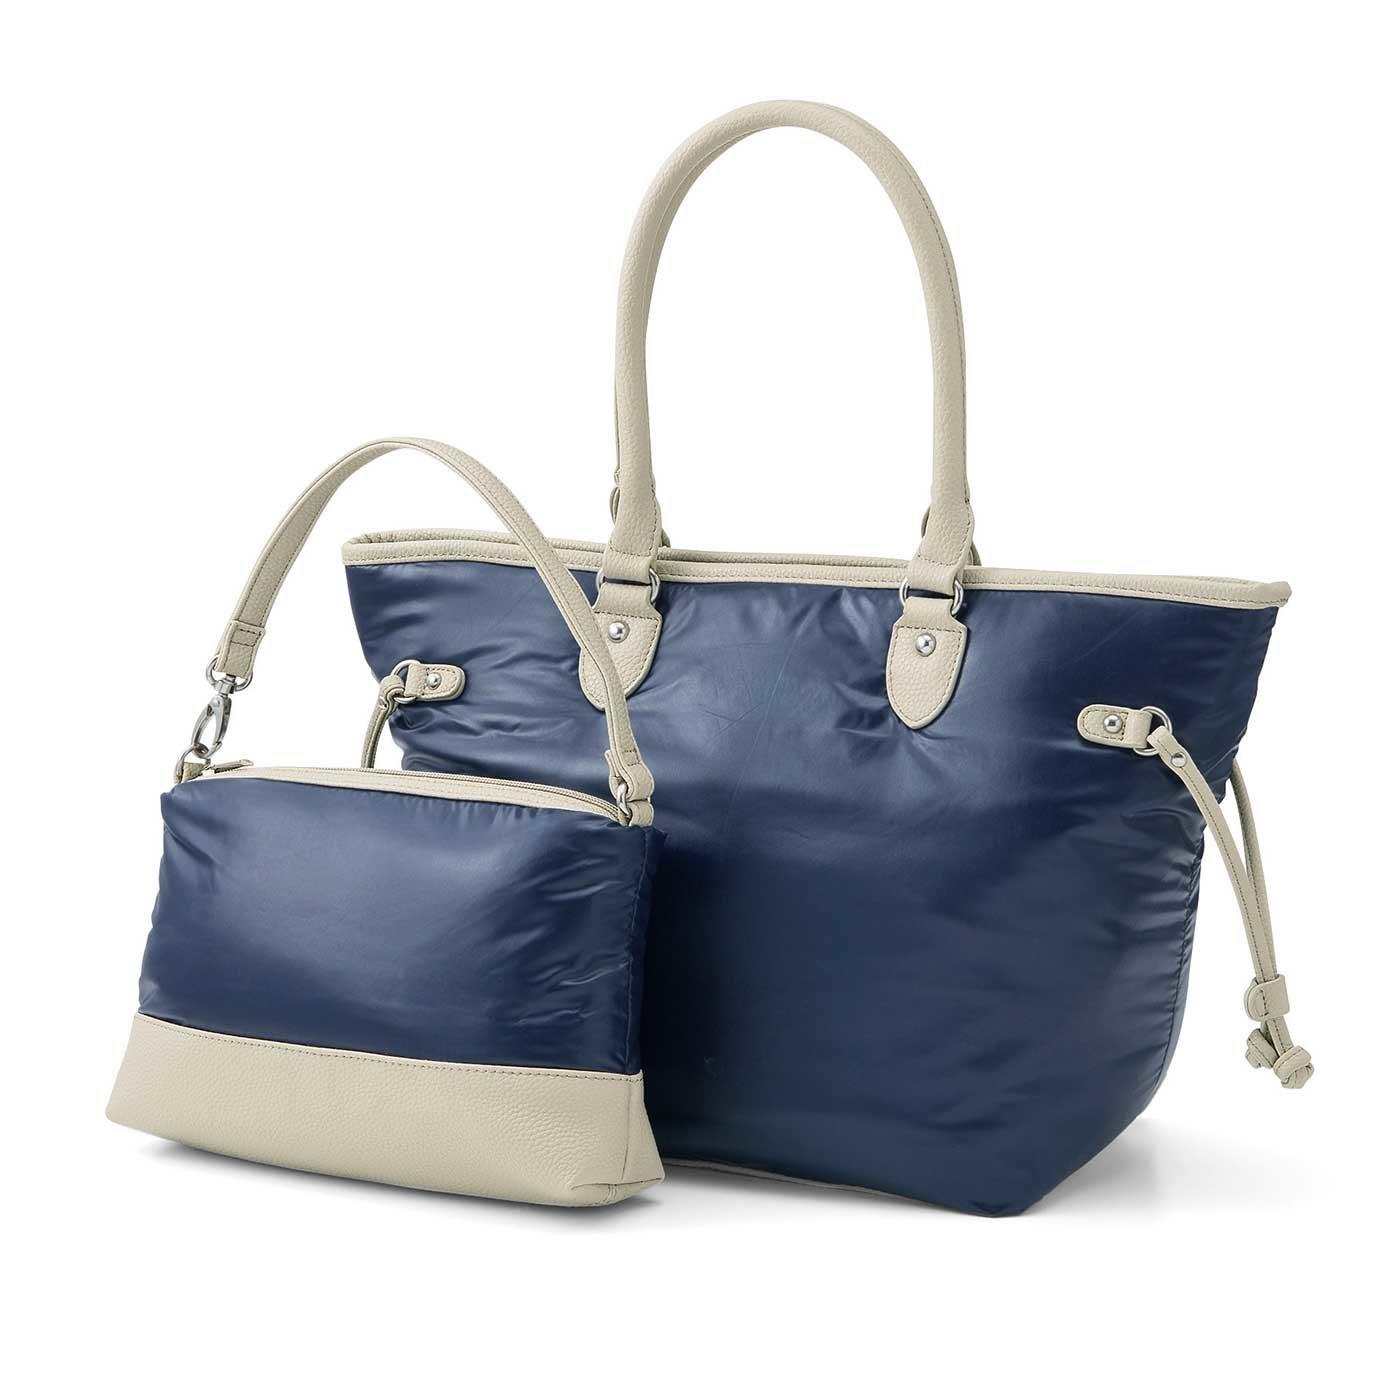 ミニバッグ付きだから使い方広がる 大人女子のためのすっきりトートバッグの会